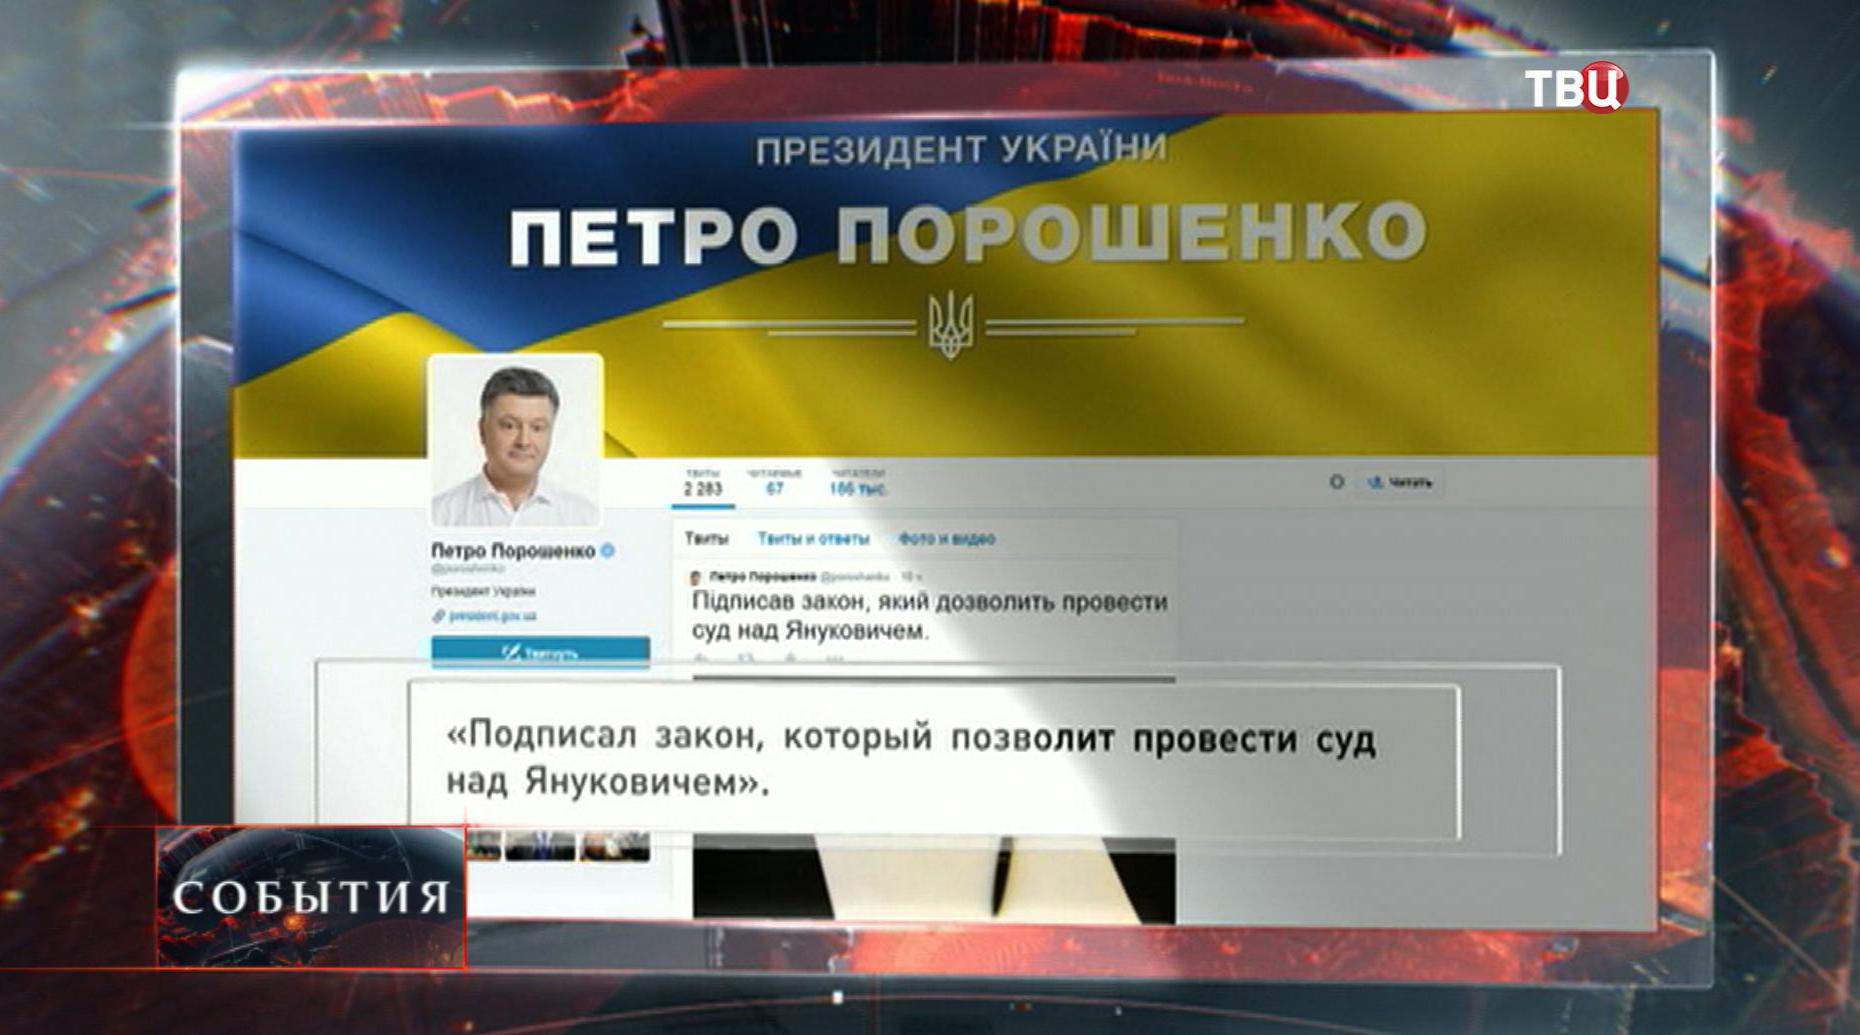 Заявление президента Украины Петра Порошенко